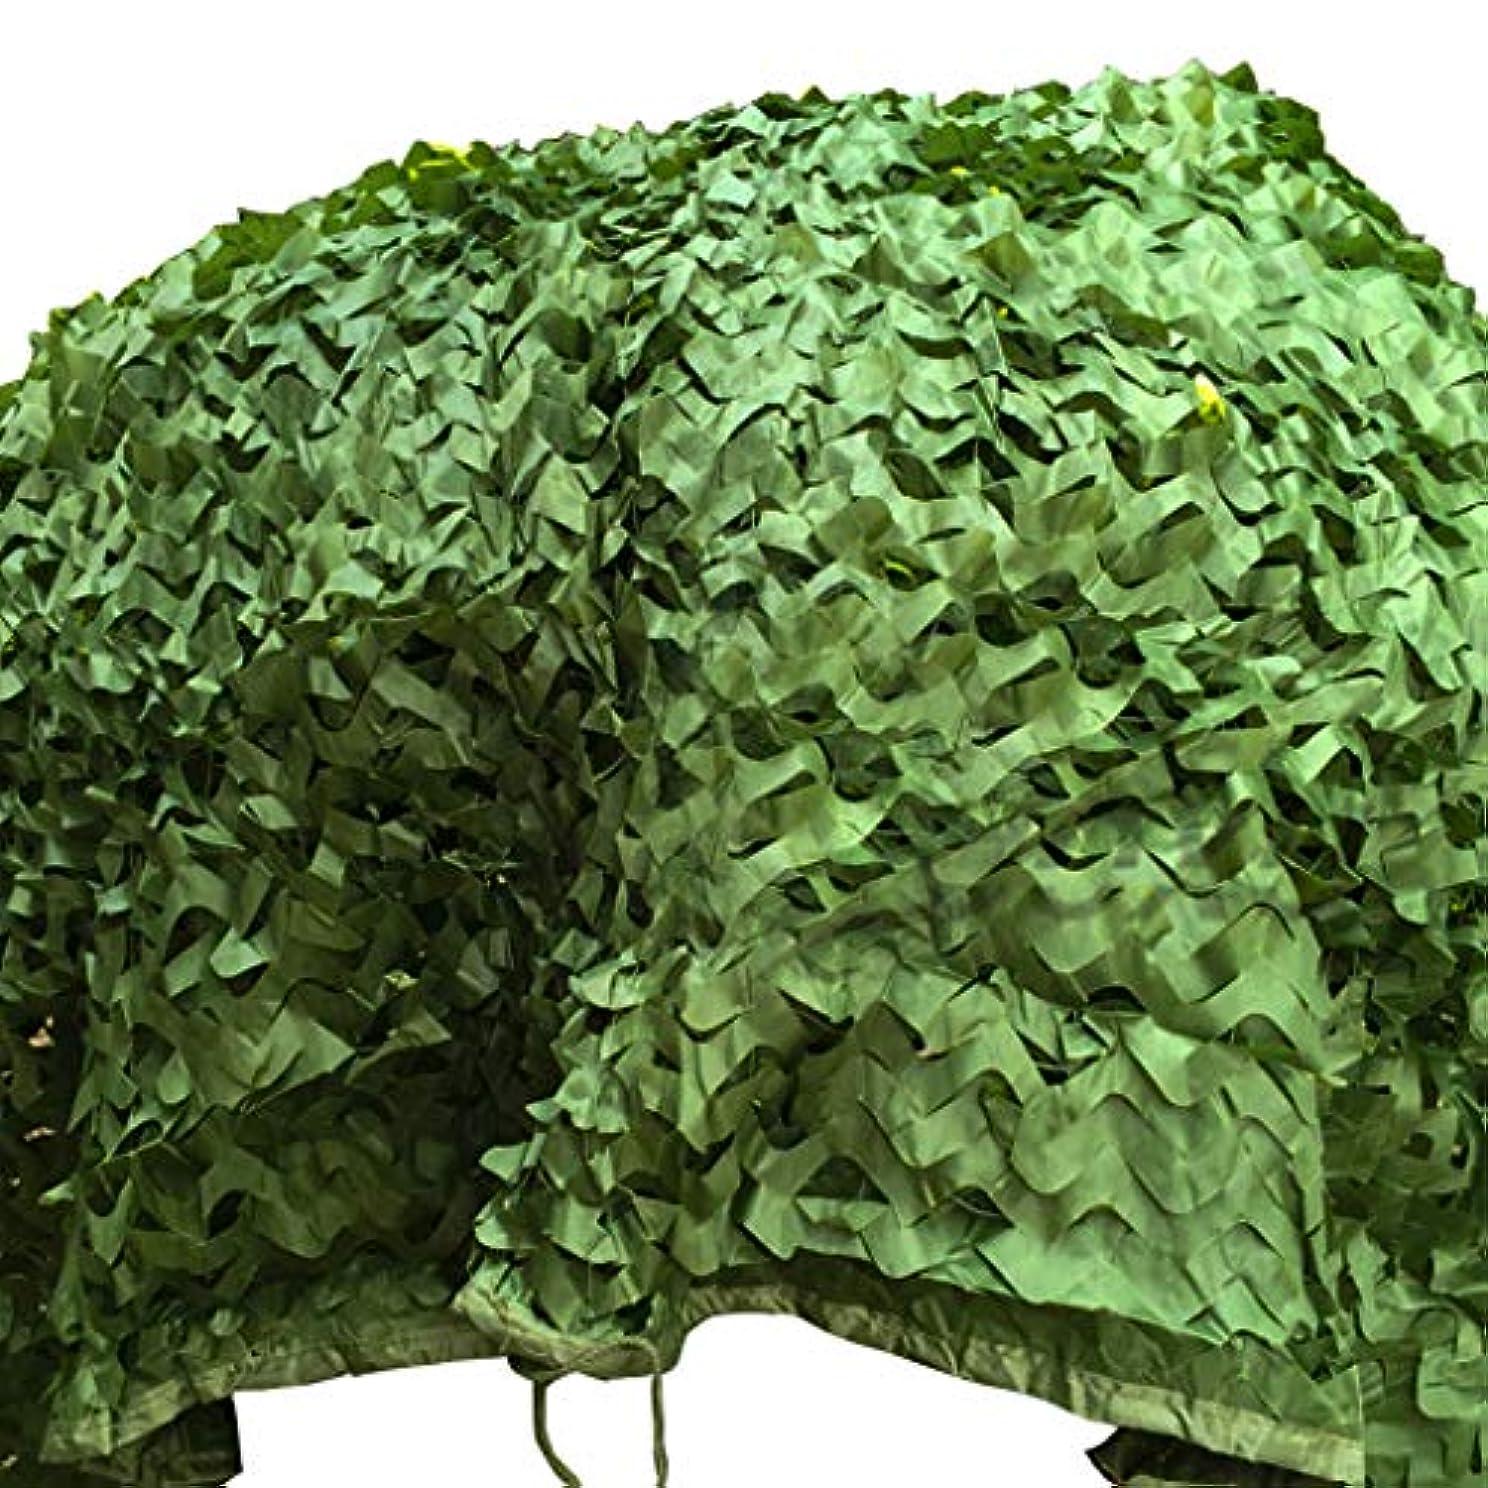 路面電車航空便幸福ミリタリー迷彩ネットウッドランドオックスフォード生地迷彩ネット軽量耐久性のための日よけ装飾狩猟ブラインド撮影キャンプ写真撮影ジャングル - 緑